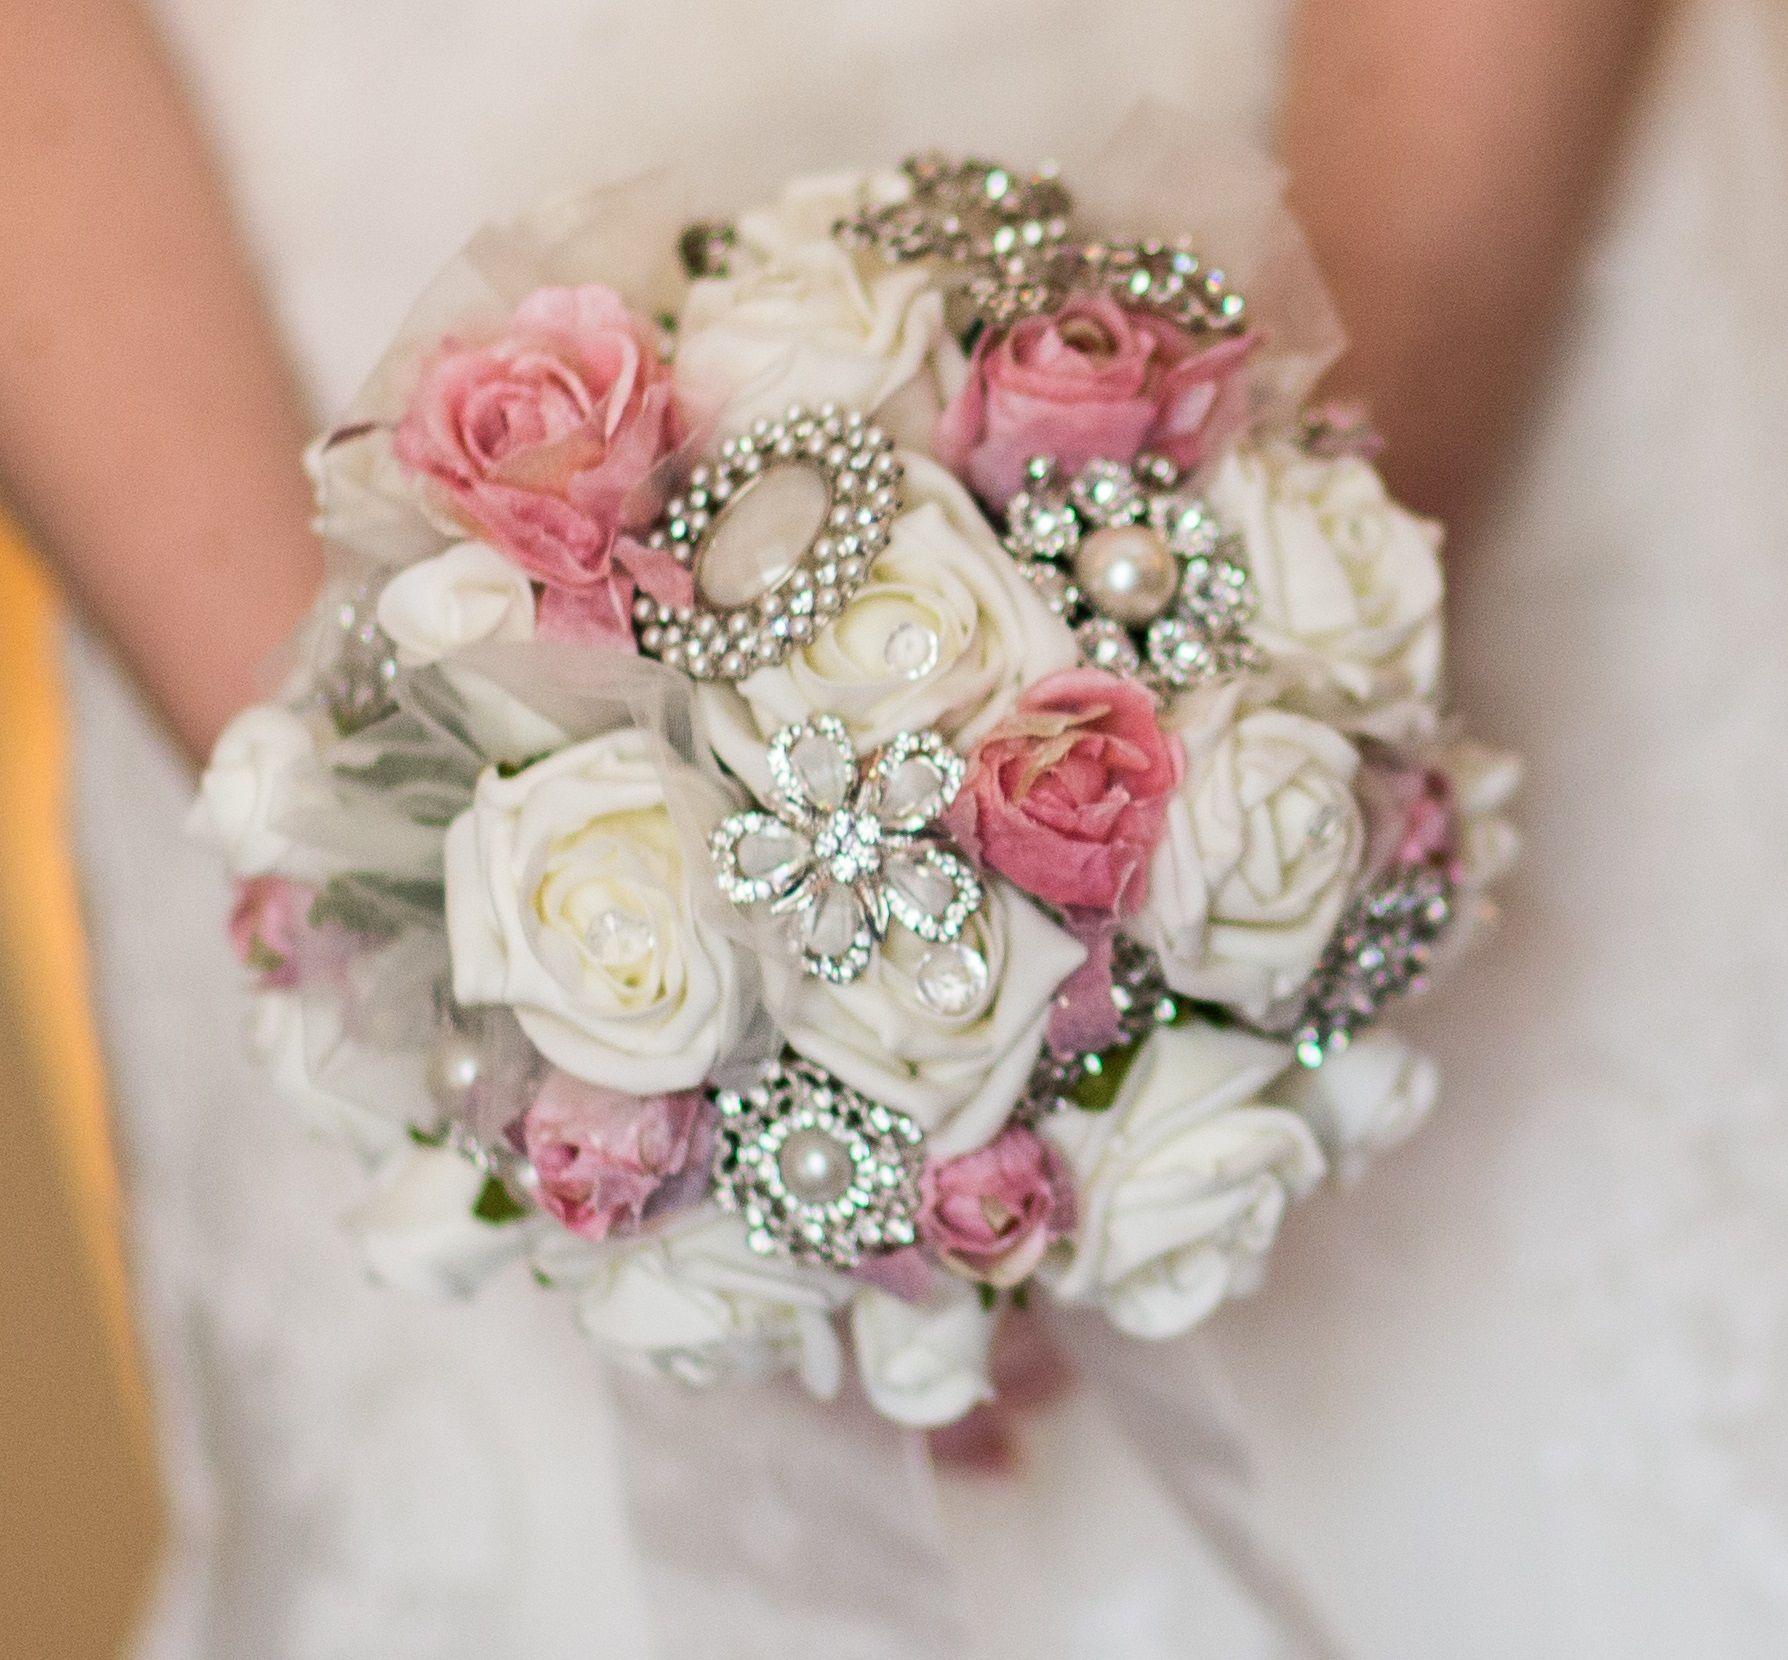 Homemade Wedding Bouquets Ideas : My homemade brooch bouquet wedding ideas